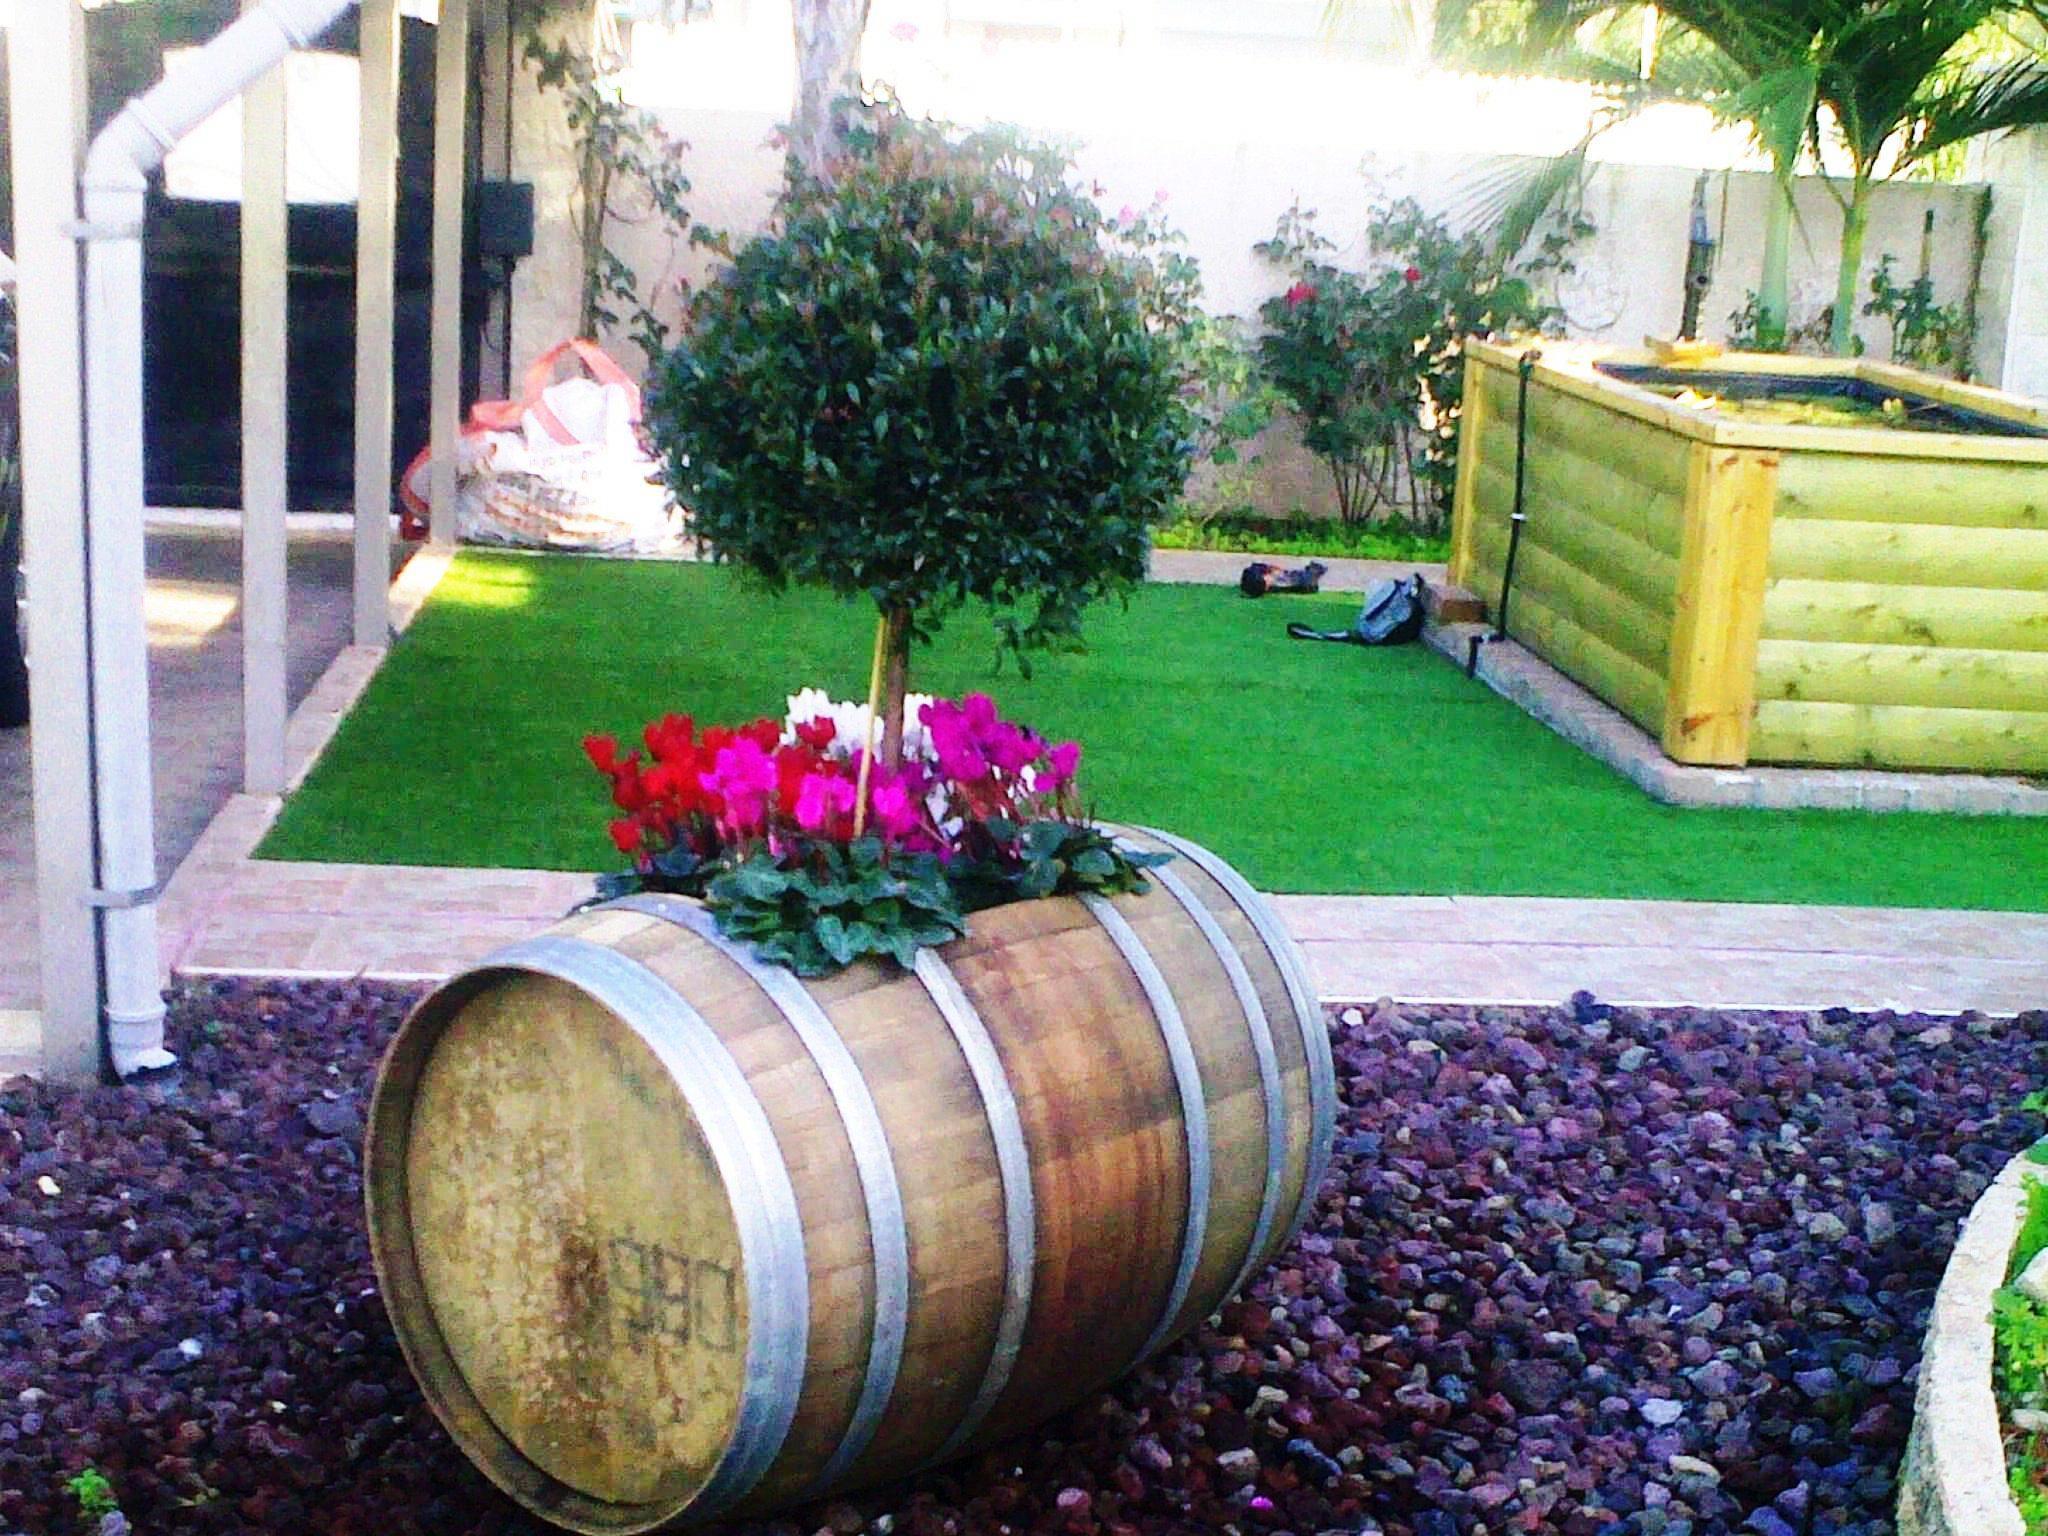 האופנה האופנתית ריהוט ואביזרי נוי   מבחר חביות יין מקוריות משומשות למכירה   נוי גן BU-97